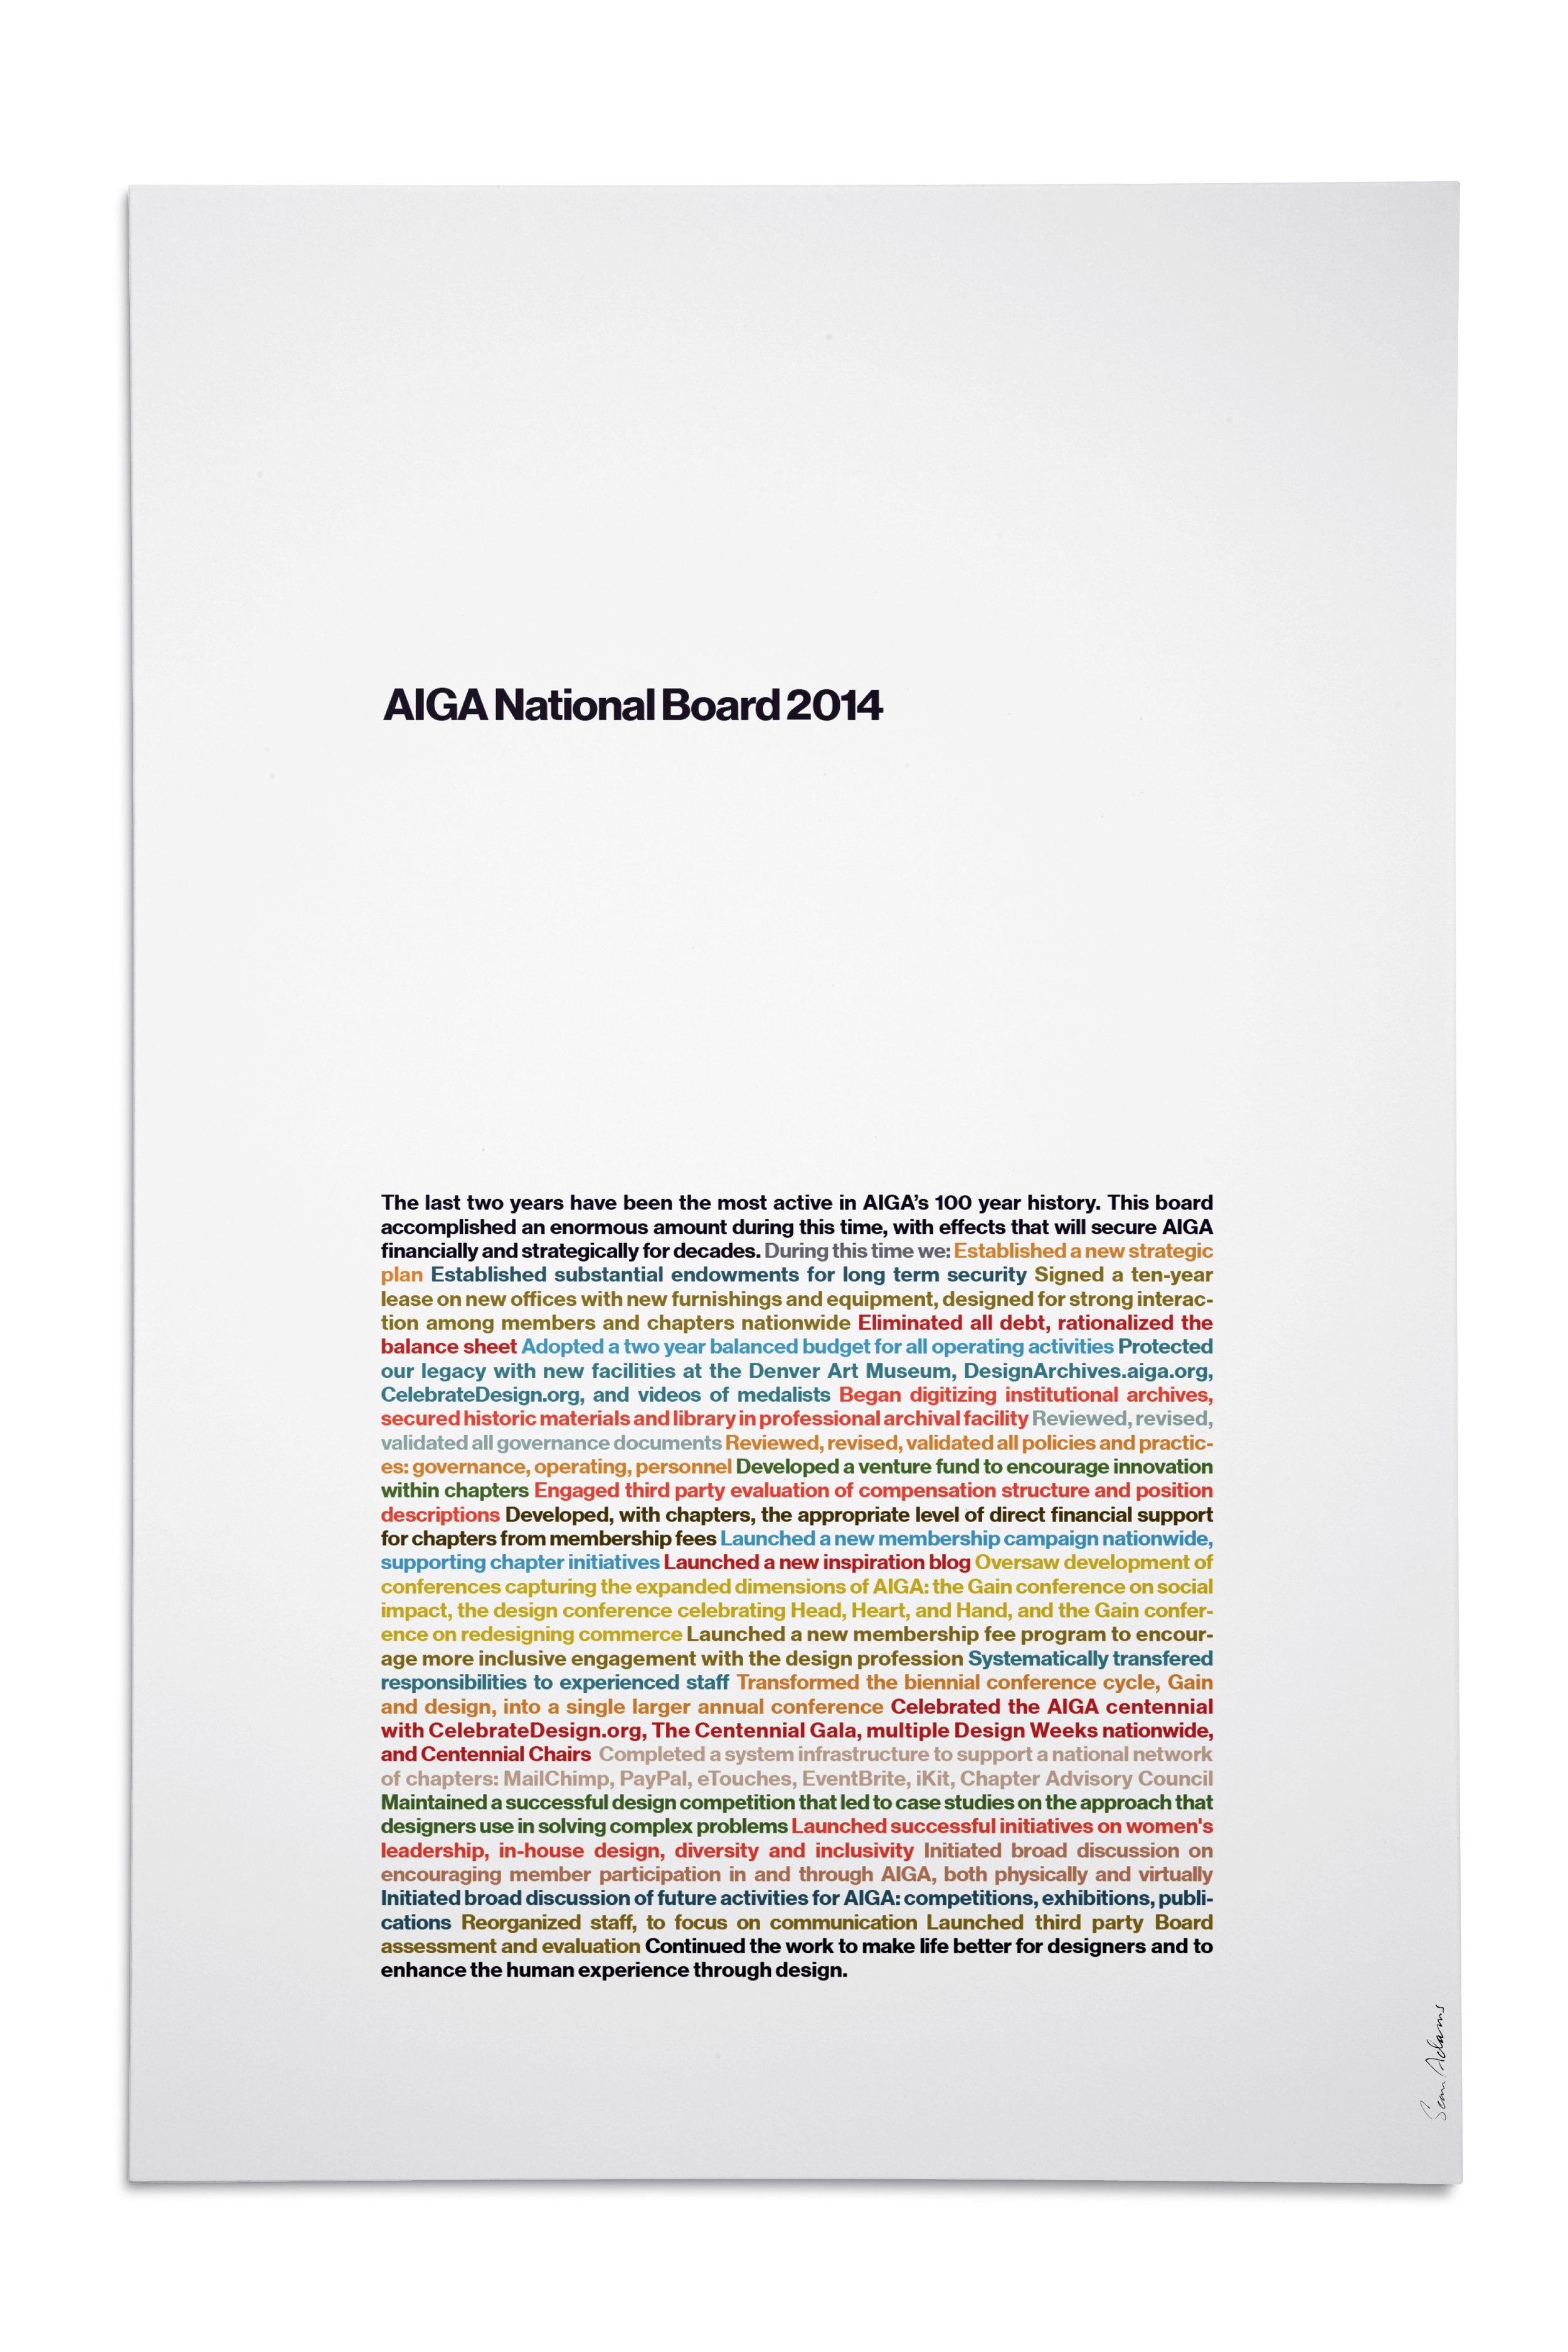 AIGA-Board-2014.jpg